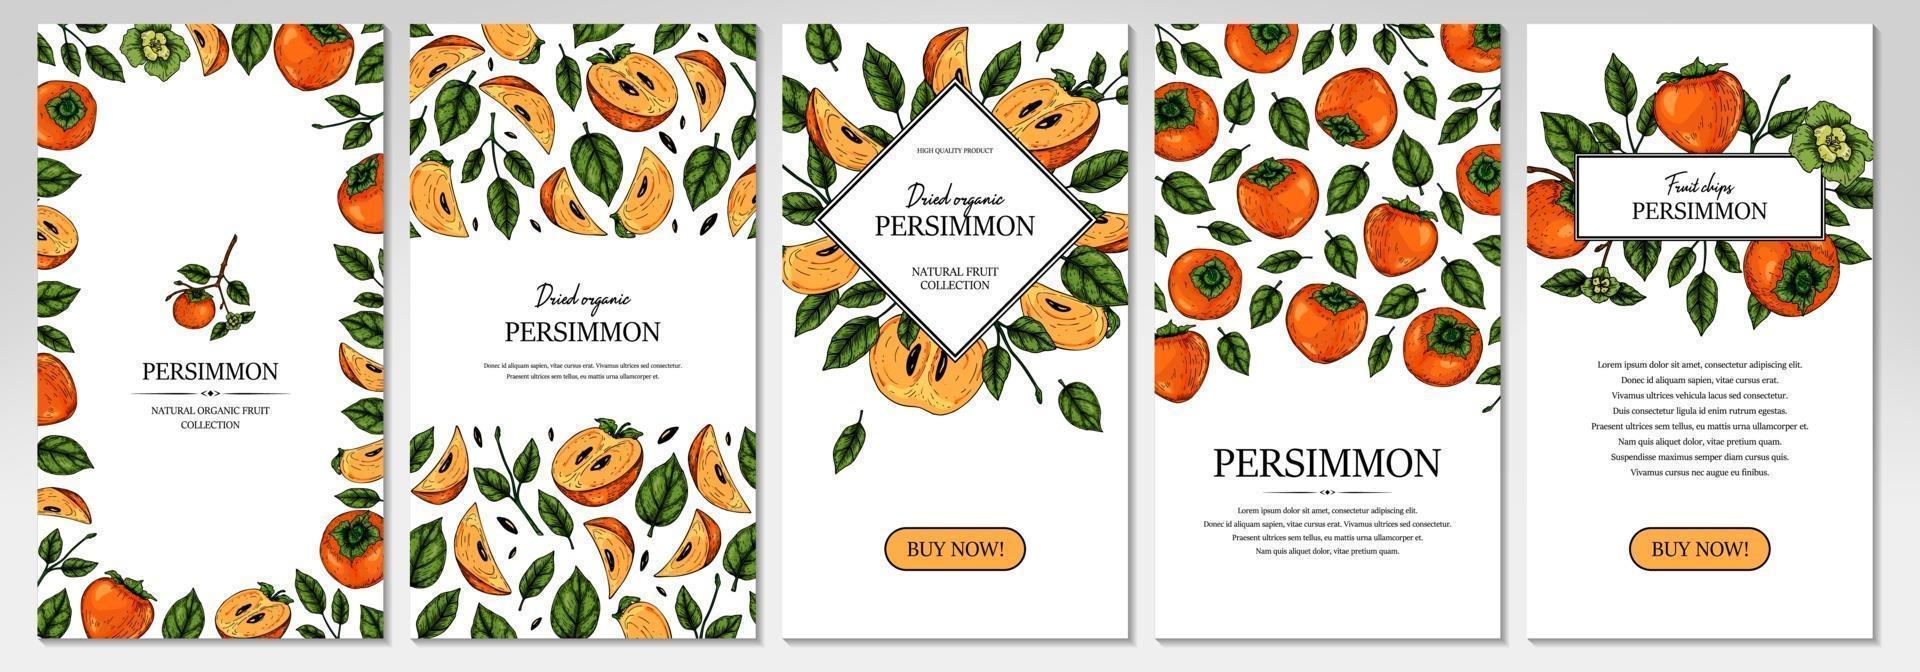 uppsättning handritad färgrik persimmon vertikal design. vektorillustration i färgad skissstil. vektor